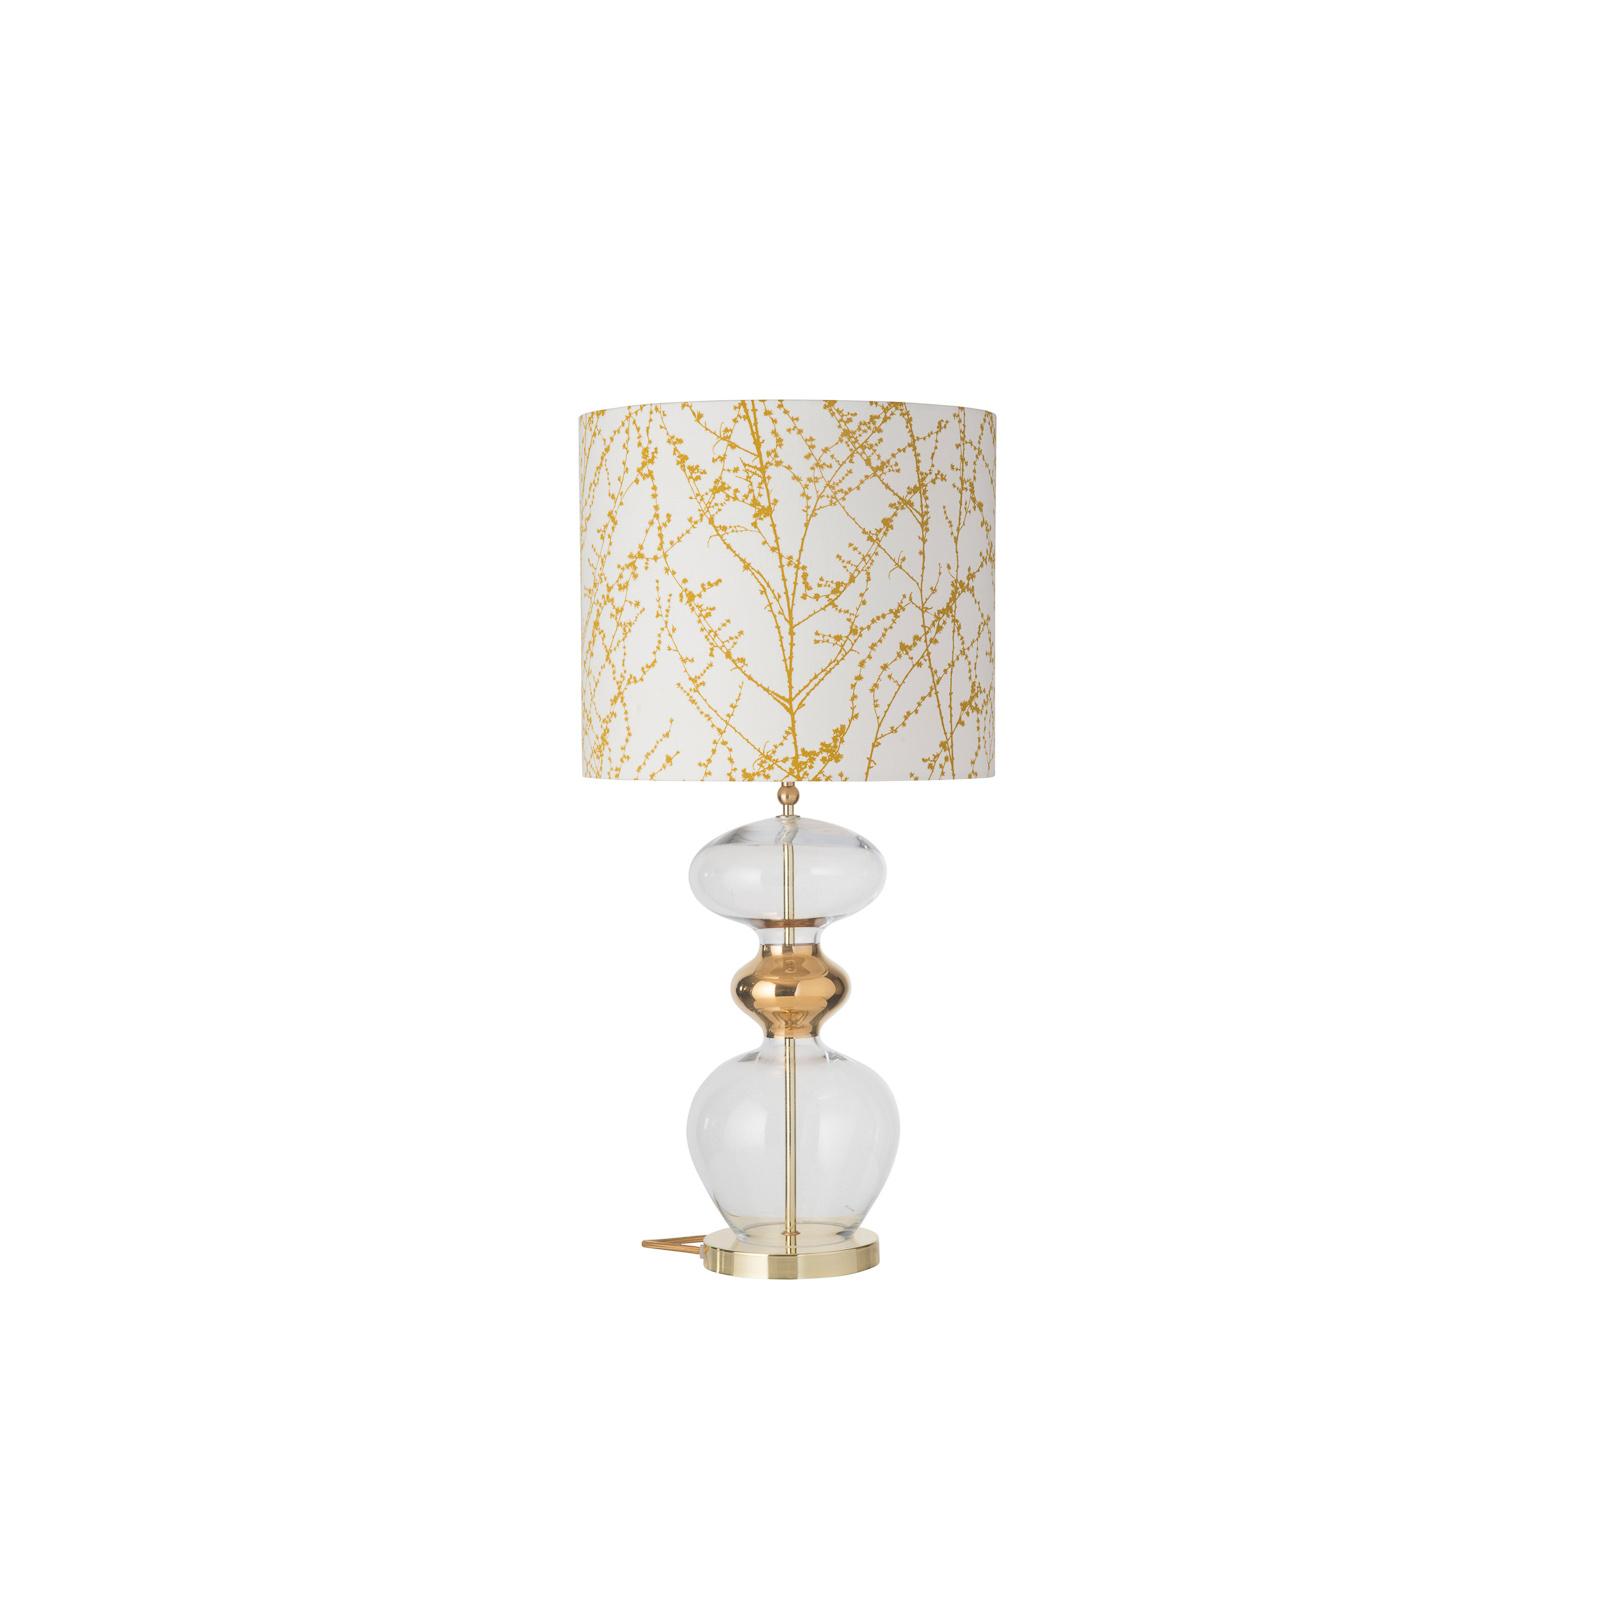 EBB & FLOW Futura bordlampe, Branches ochre, gold